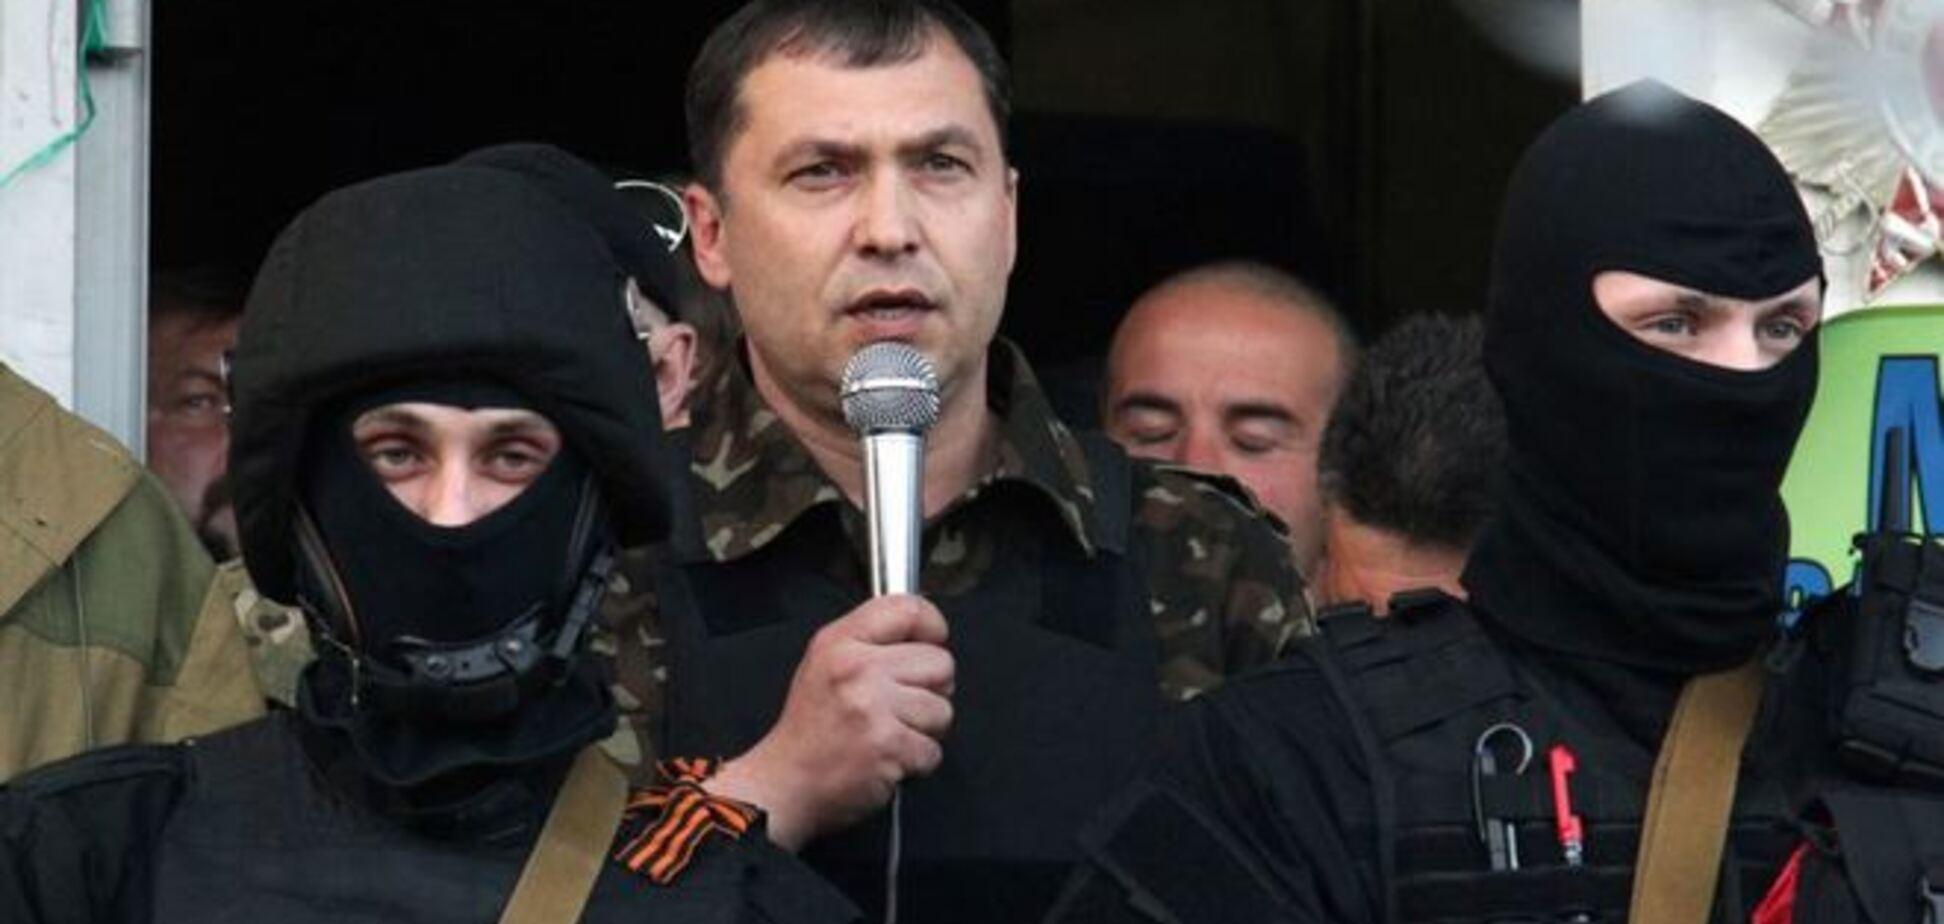 Лидер 'ЛНР' Болотов спокойно ездит на переговоры в Киев - журналист